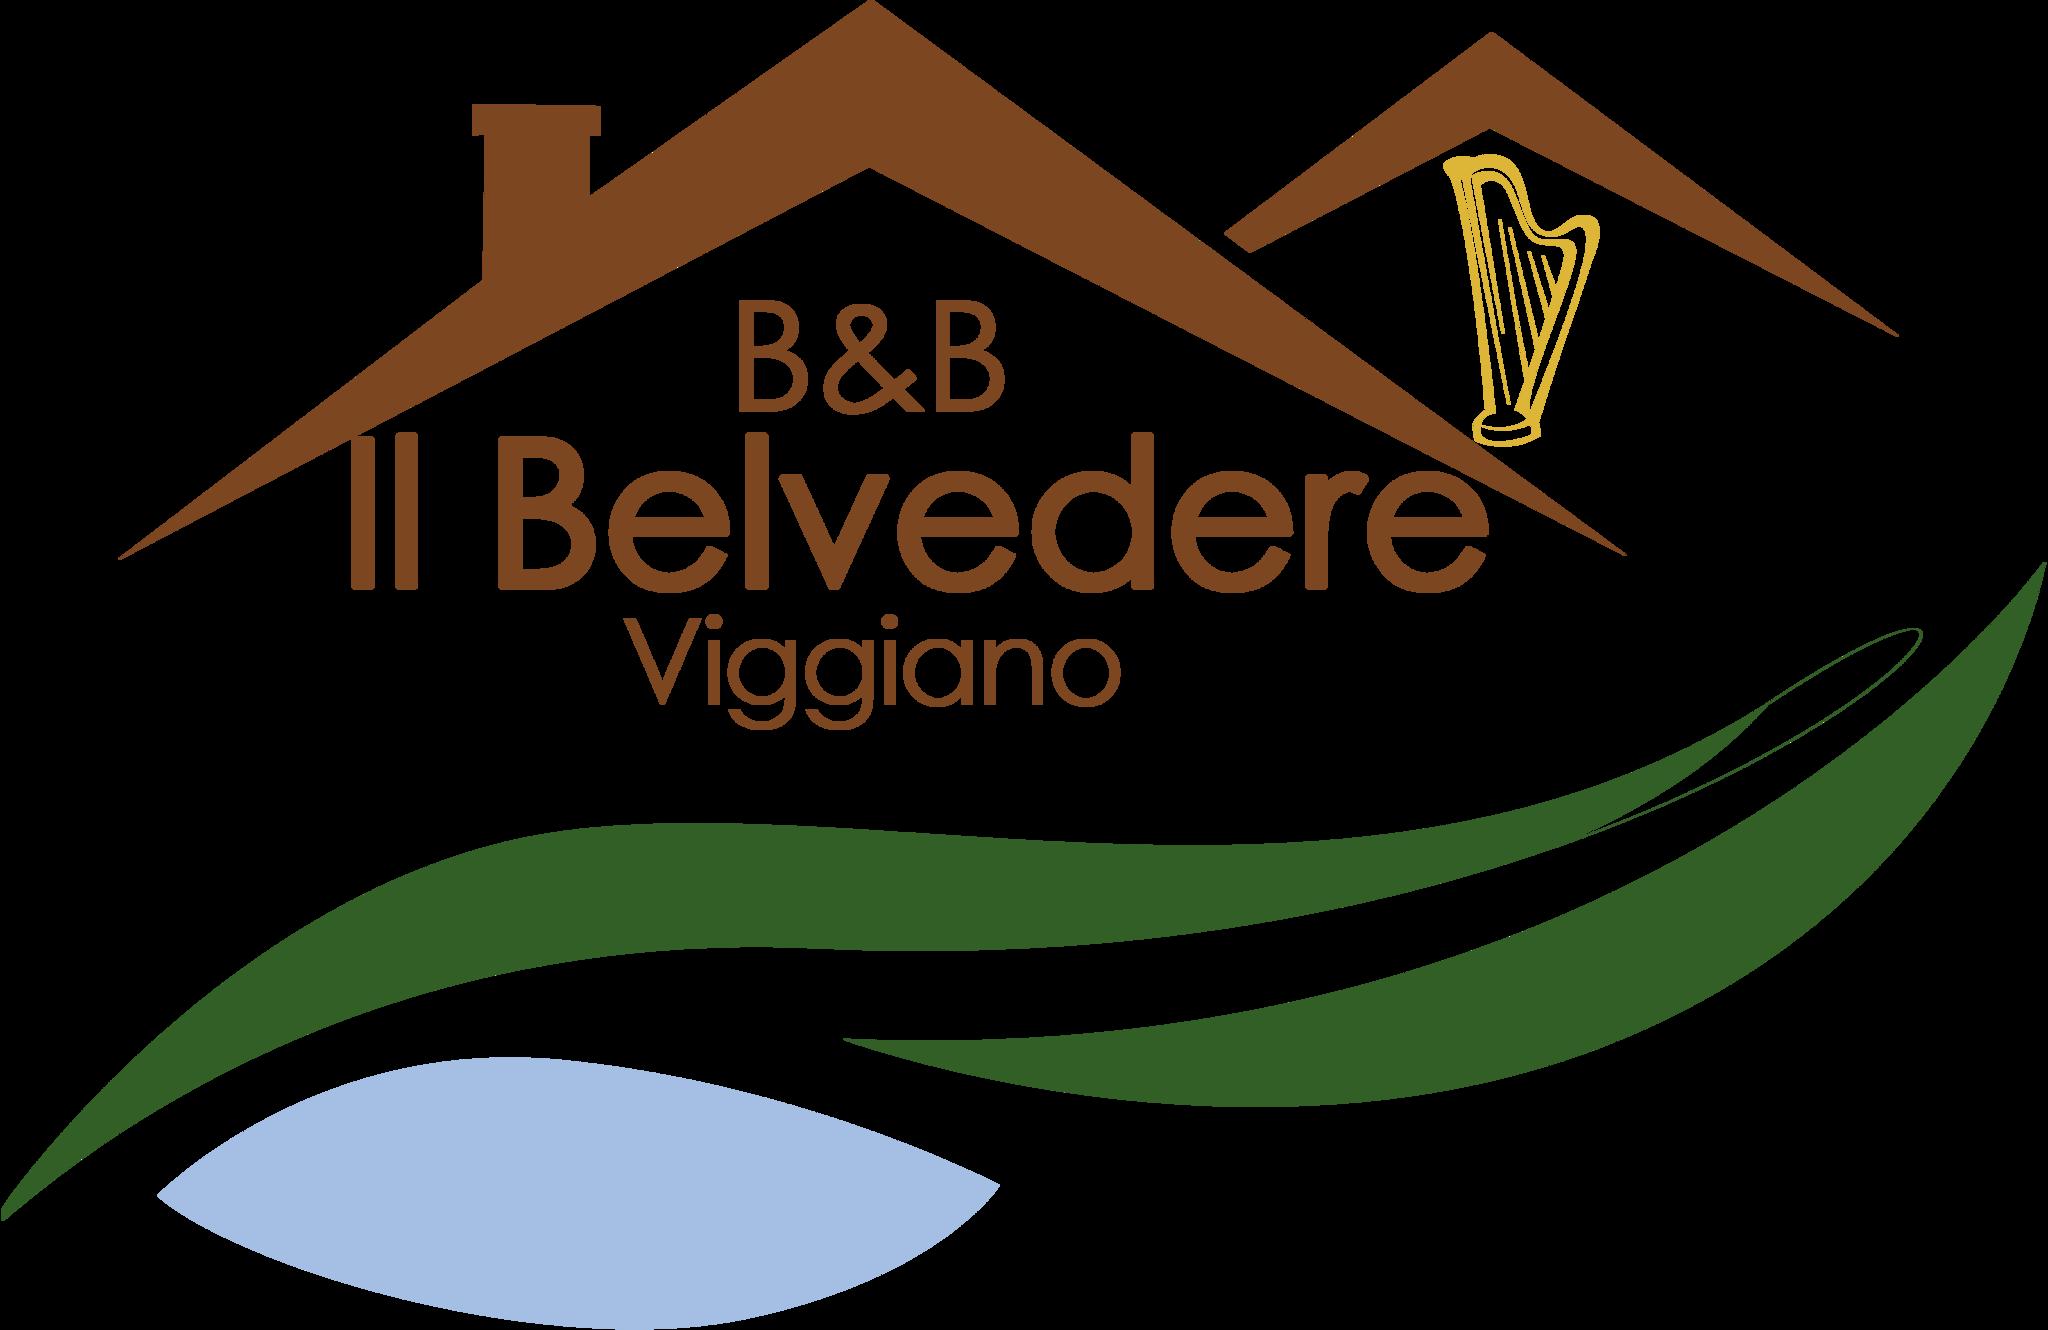 B&B Il Belvedere Viggiano